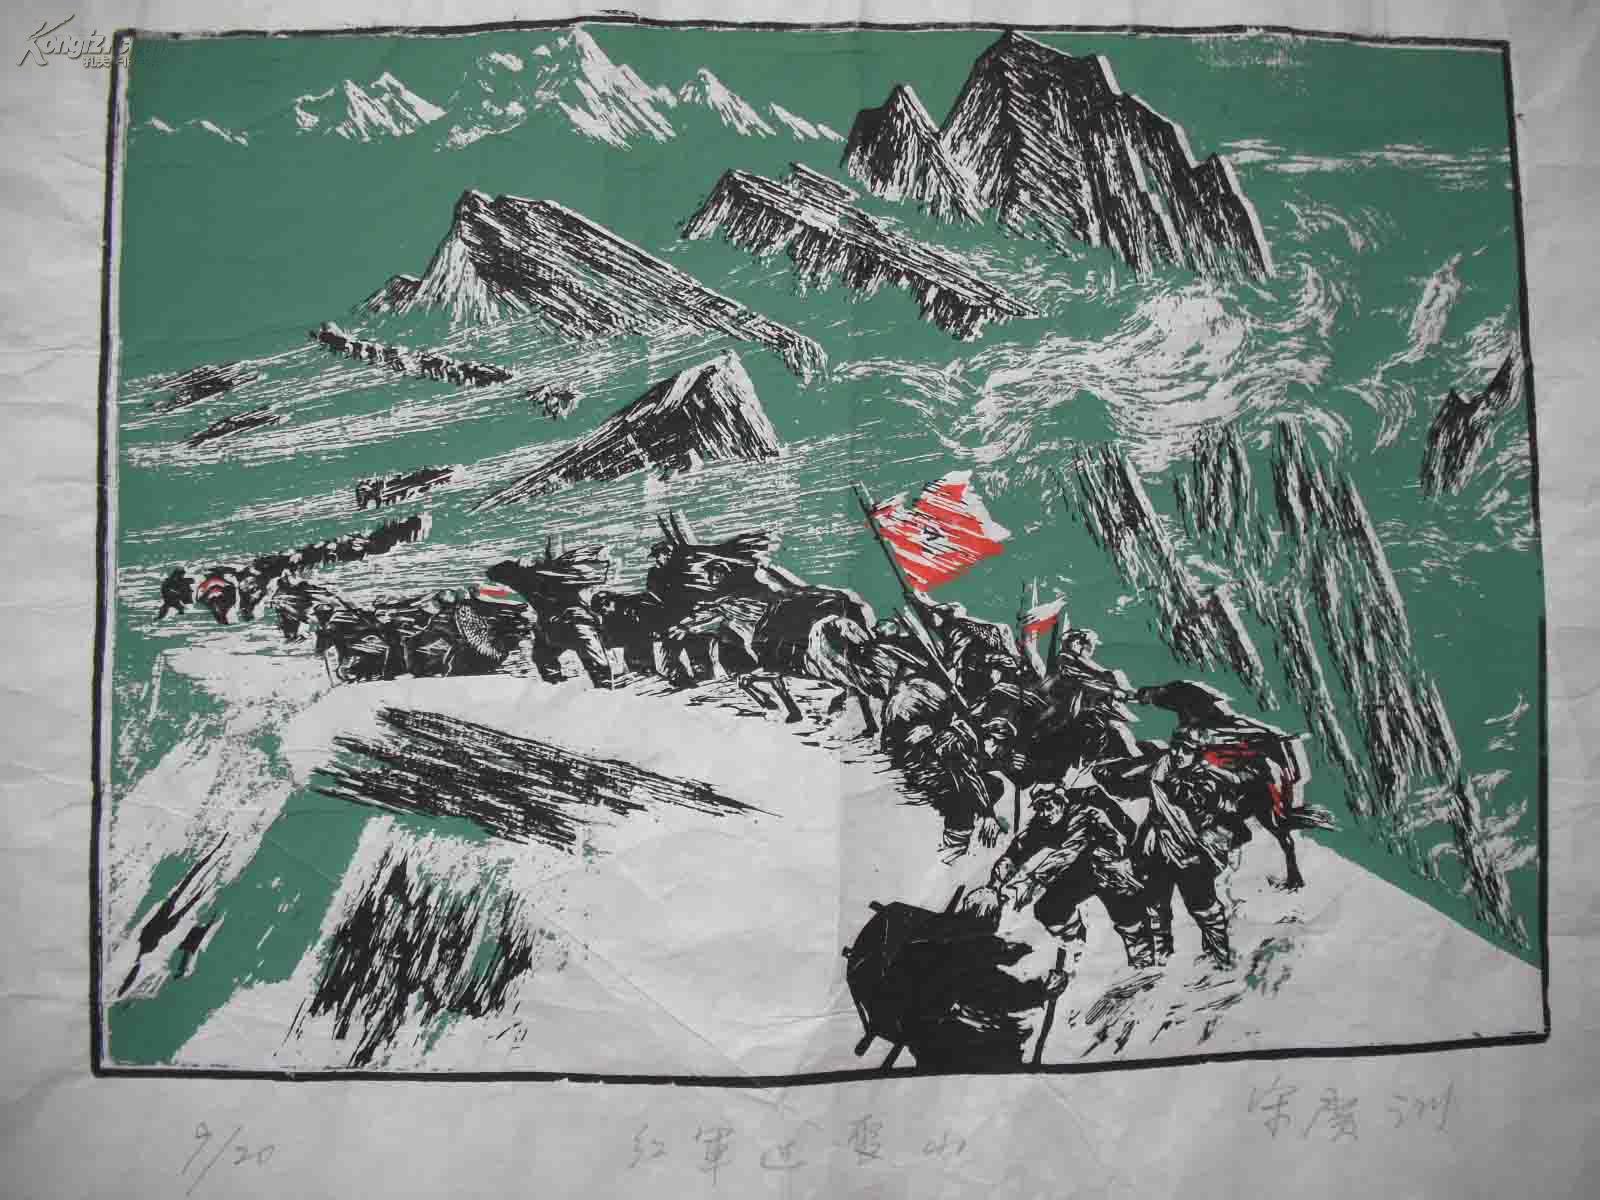 作者套色木刻版画--视频过名家红军:宋广训尺做法麻椒雪山图片